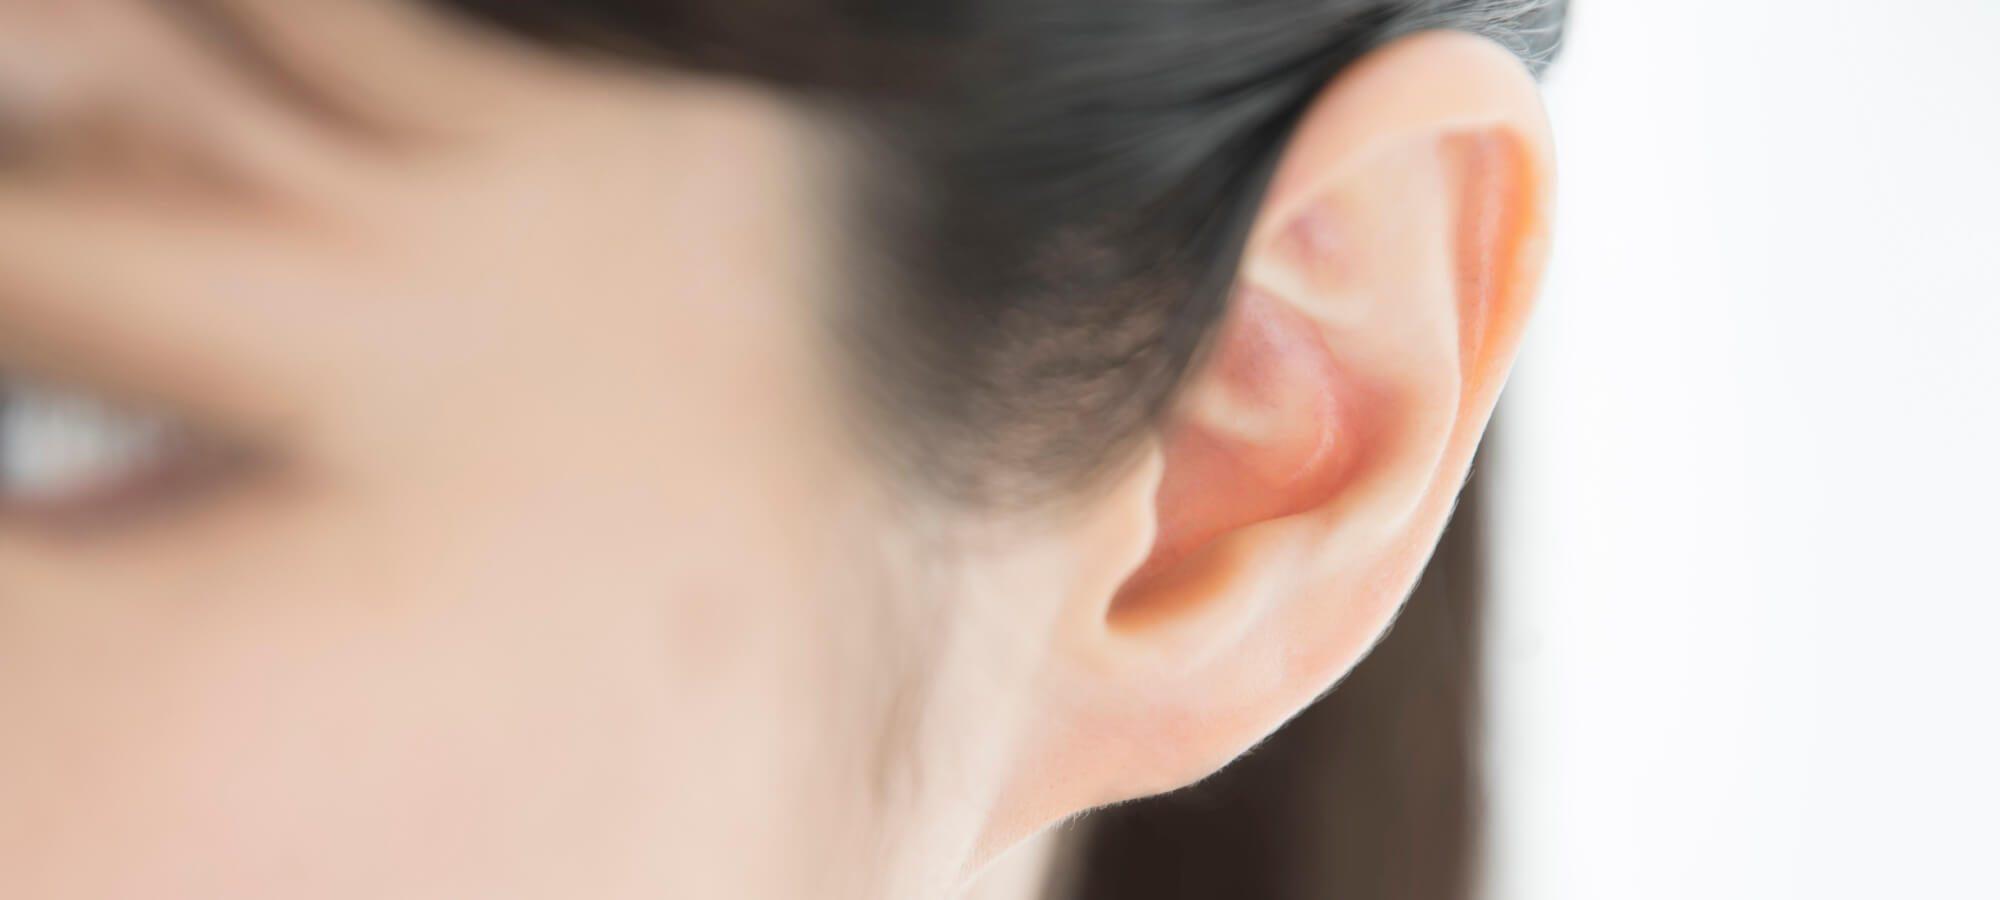 Ohrenkorrektur bei abstehenden Ohren | groisman & laube